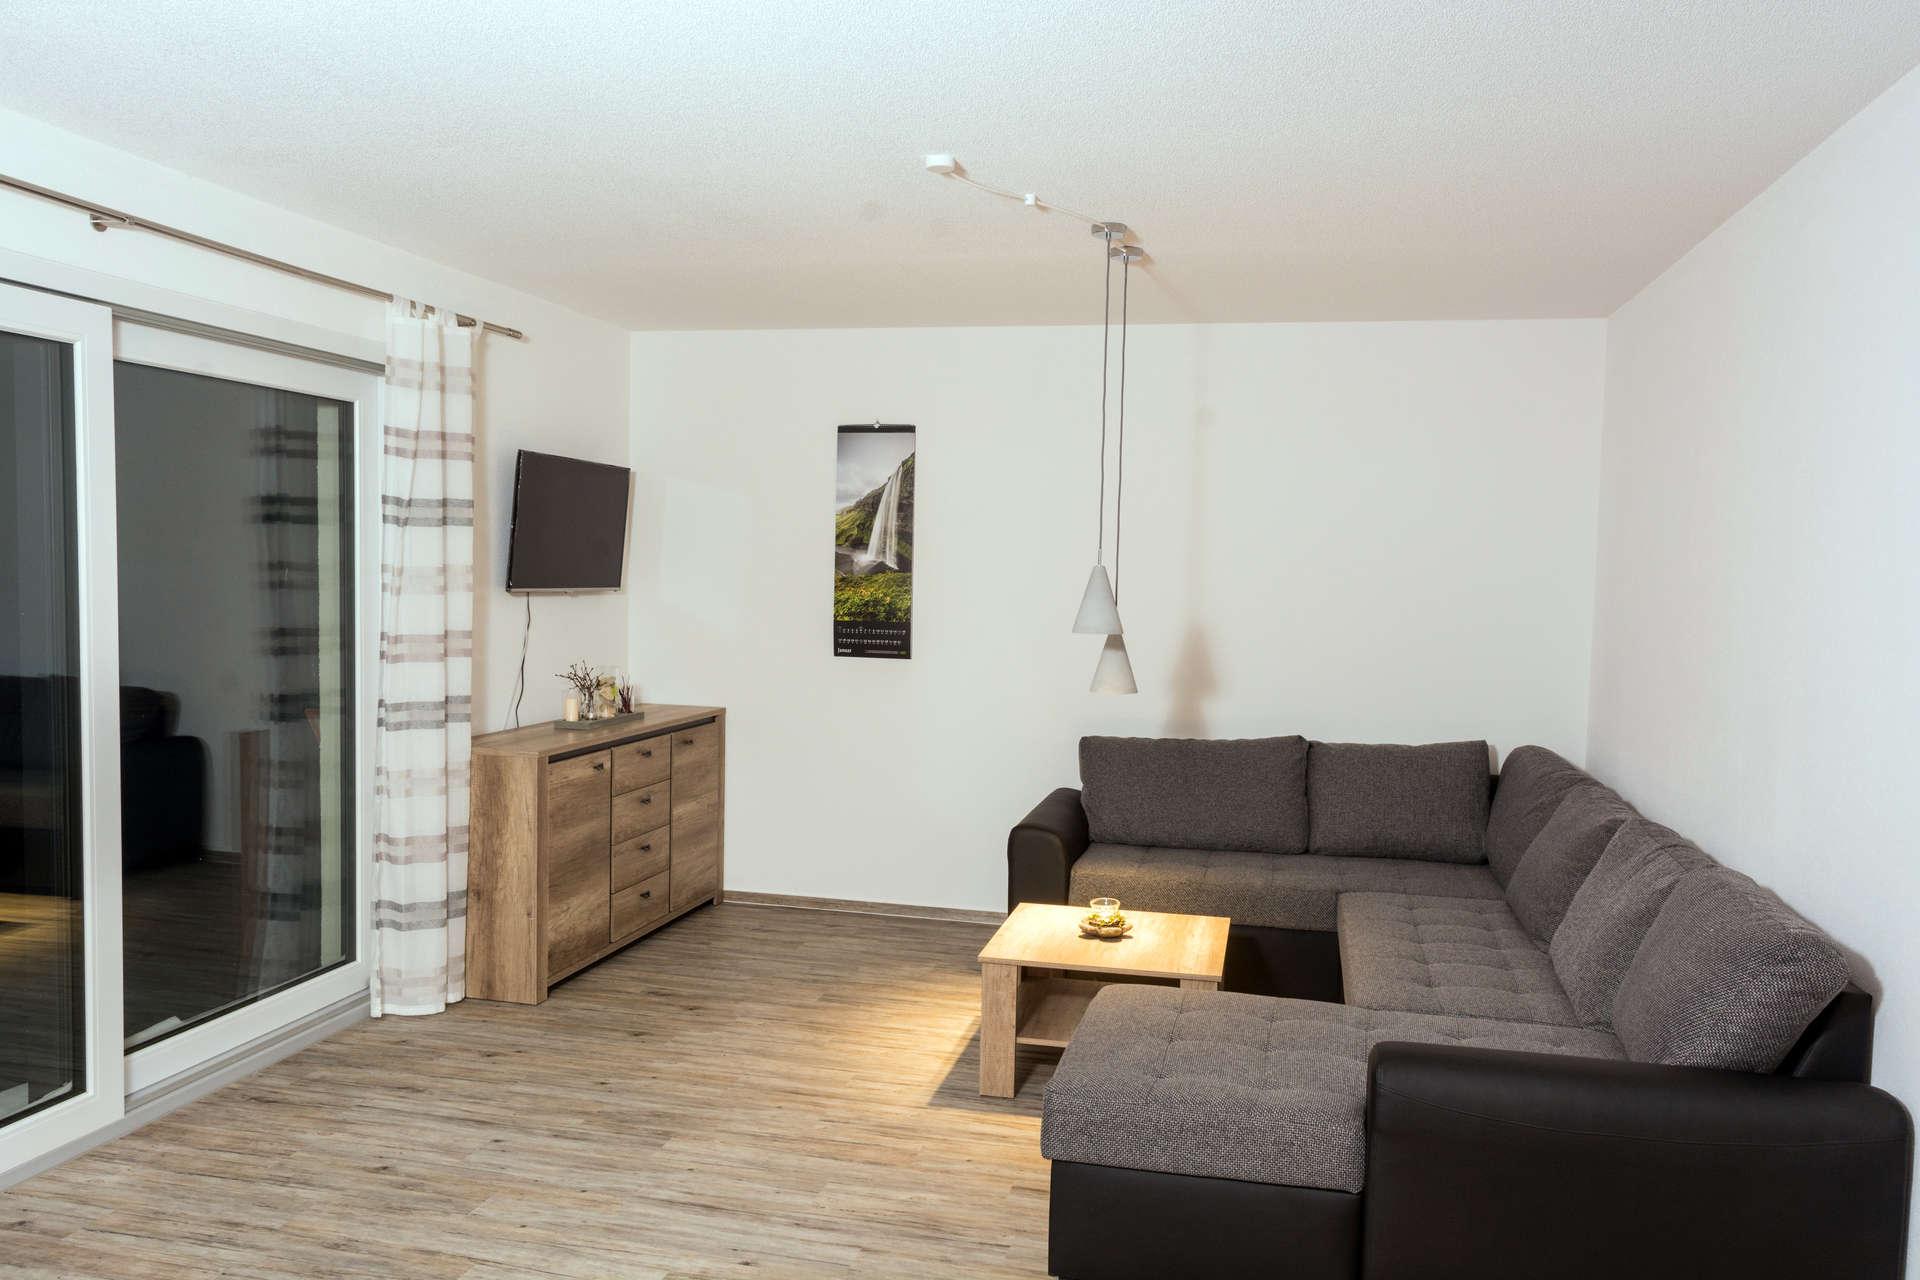 Sofaecke mit Flachbildfernseher und Panoramafenster Biber 2